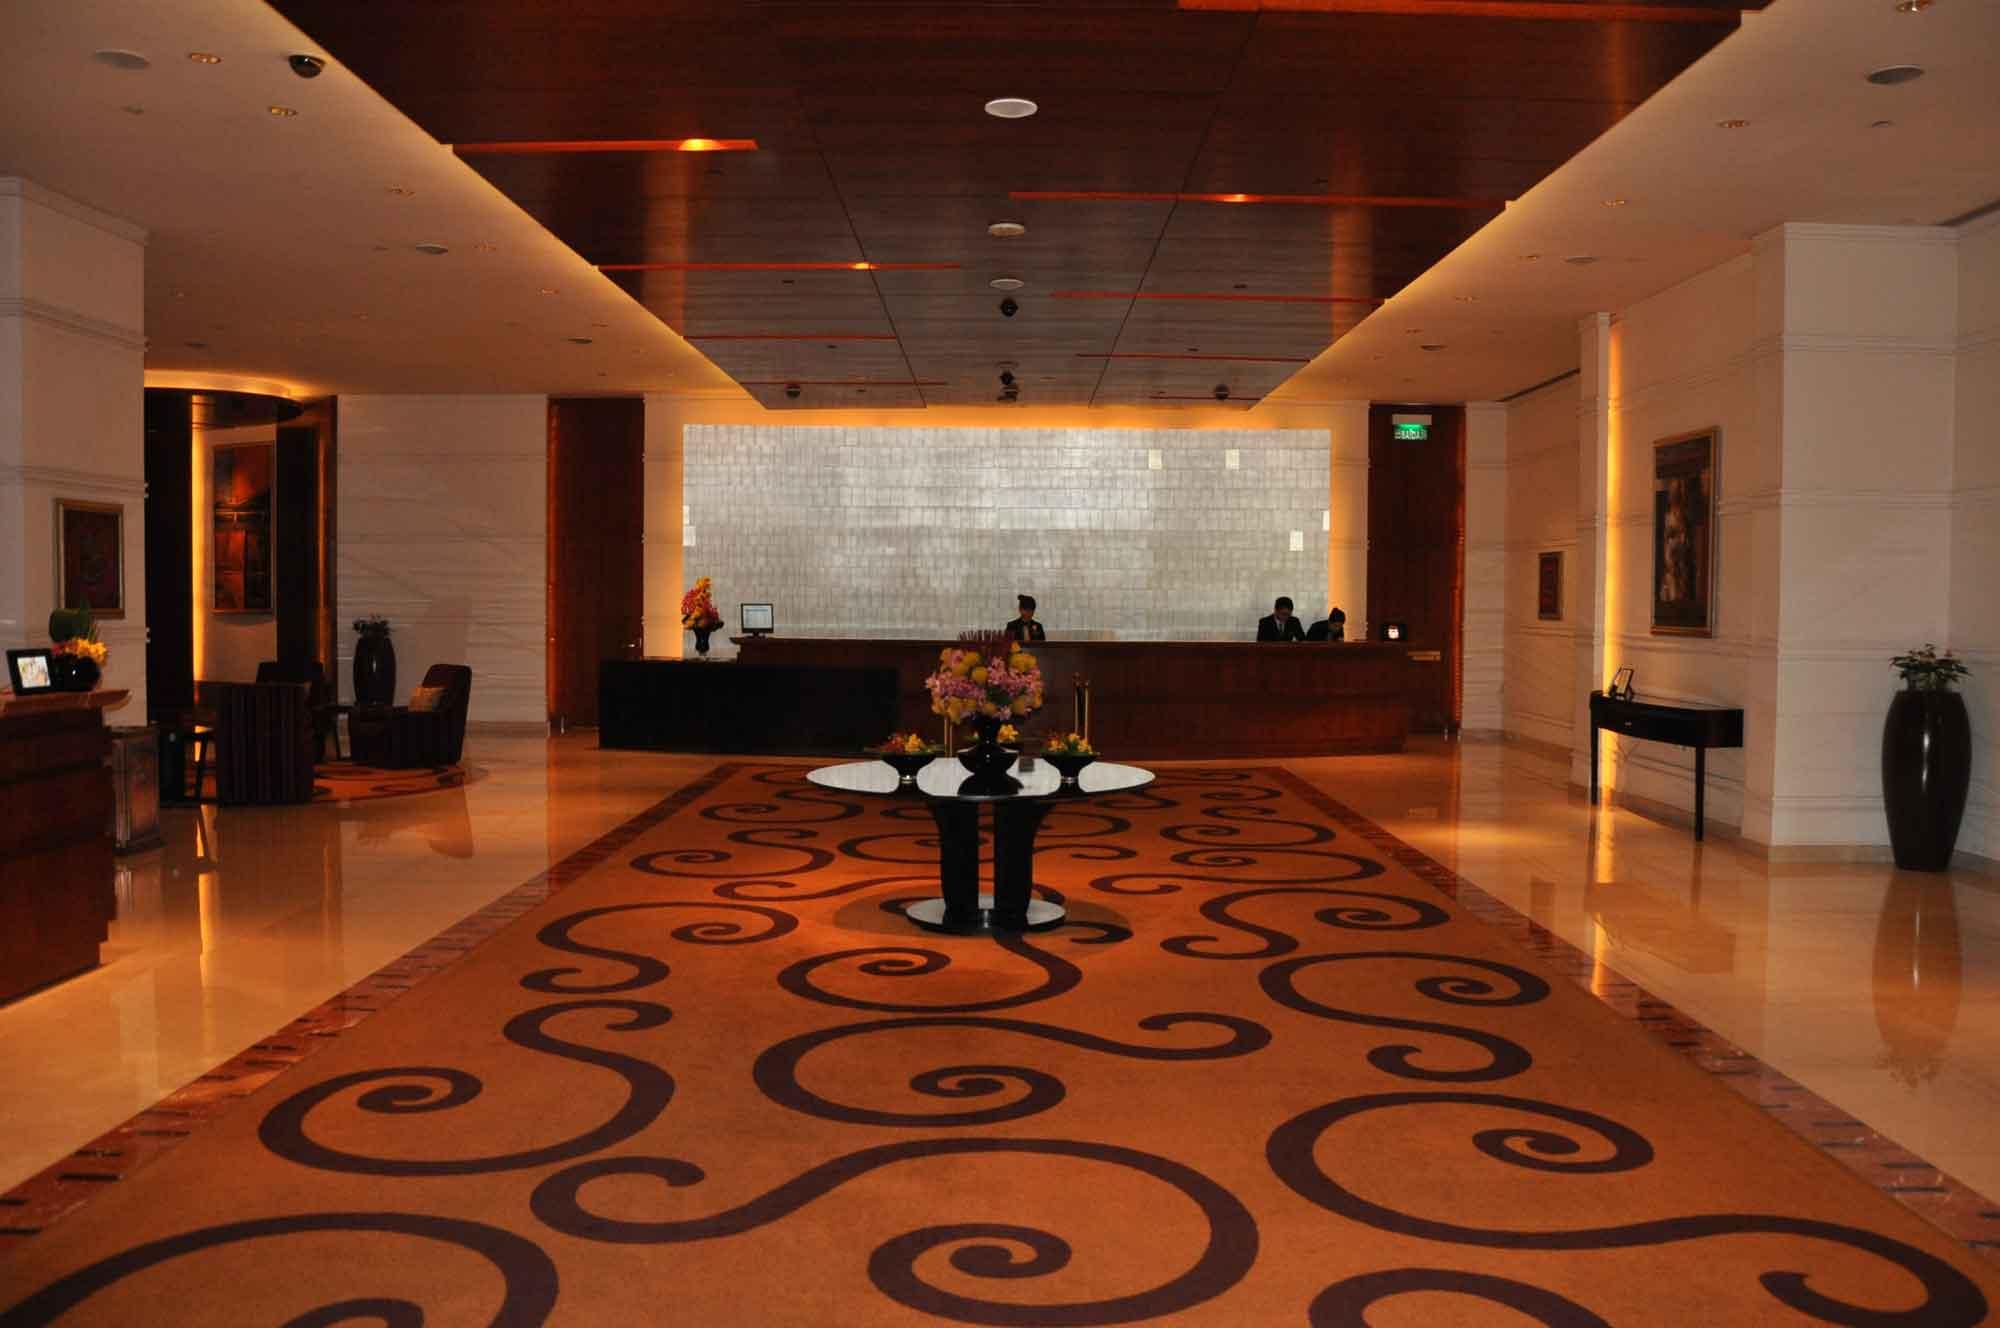 Sands Macao lobby